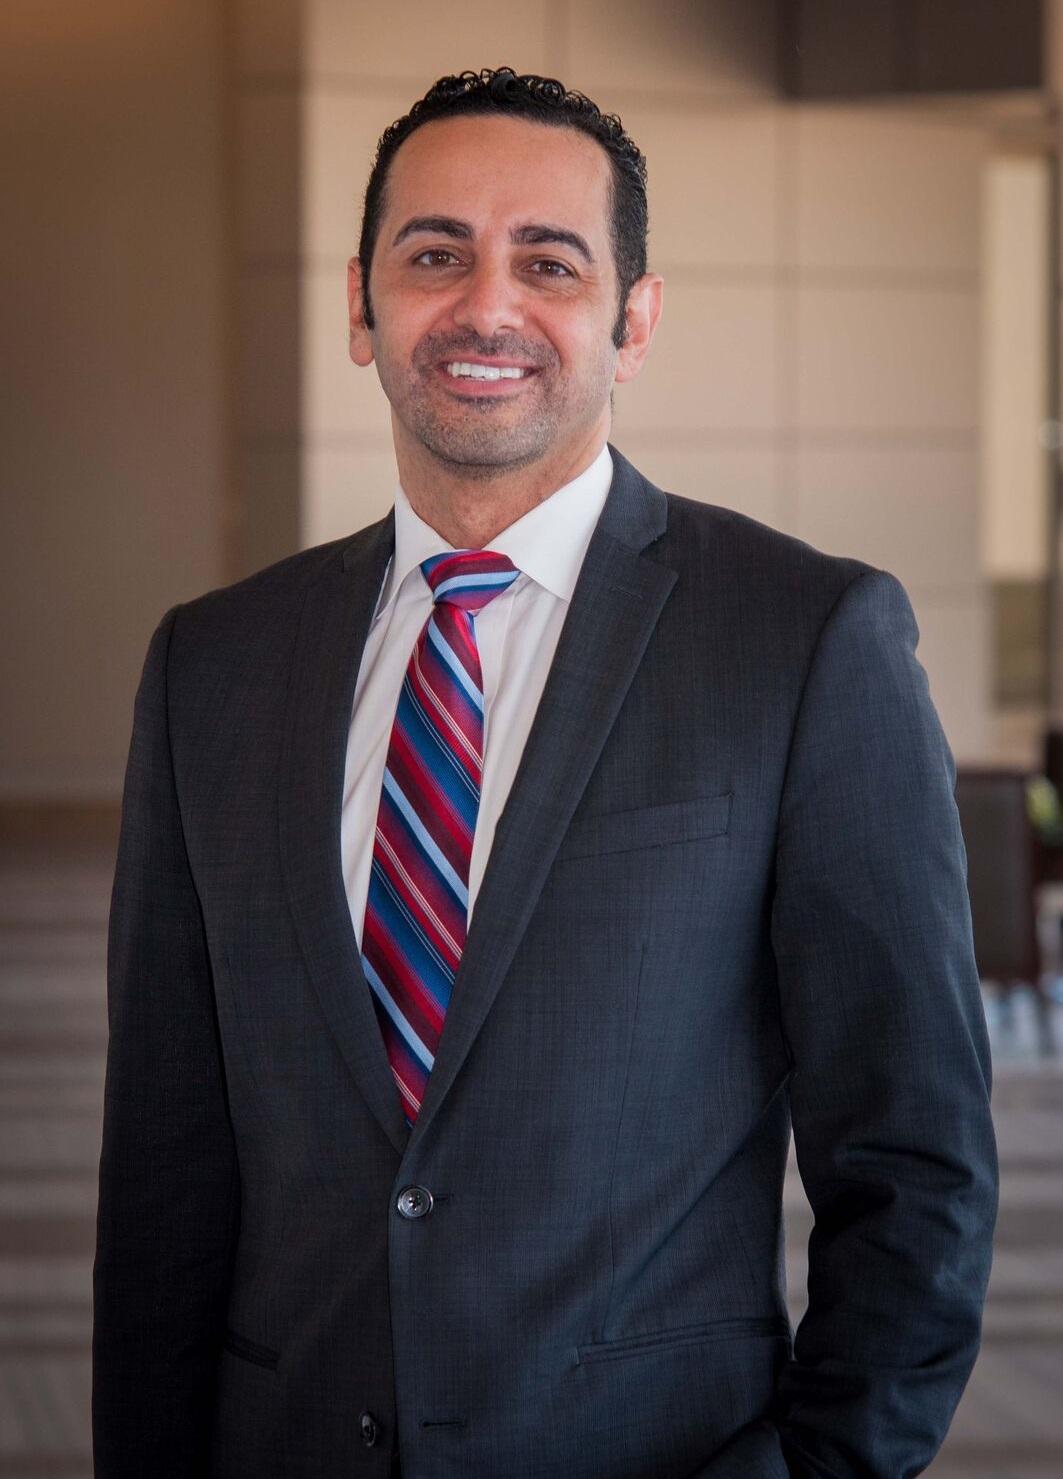 Avocat - Sam B. Sherkawy a fait ses études en Génie Electrique à l'Université du Texas à San Antonio, et a obtenu son diplôme en droit de South Texas College of Law. Parlant couramment anglais, espagnol et arabe et possédant une bonne maîtrise du français et du russe, Mr. Sherkawy est un professionnel ayant une éducation extrêmement diversifiée et universelle.Il a des liens personnels forts avec les milieux internationaux à Houston et il représente ses clients avec une loyauté absolue. Il est assermenté de la Cour Suprême du Texas and a été admis à plaider devant la Cour de l'Impôt des Etats-Unis, la Cour Fédérale du District Sud du Texas ainsi que devant tous les Tribaux d'Immigration.